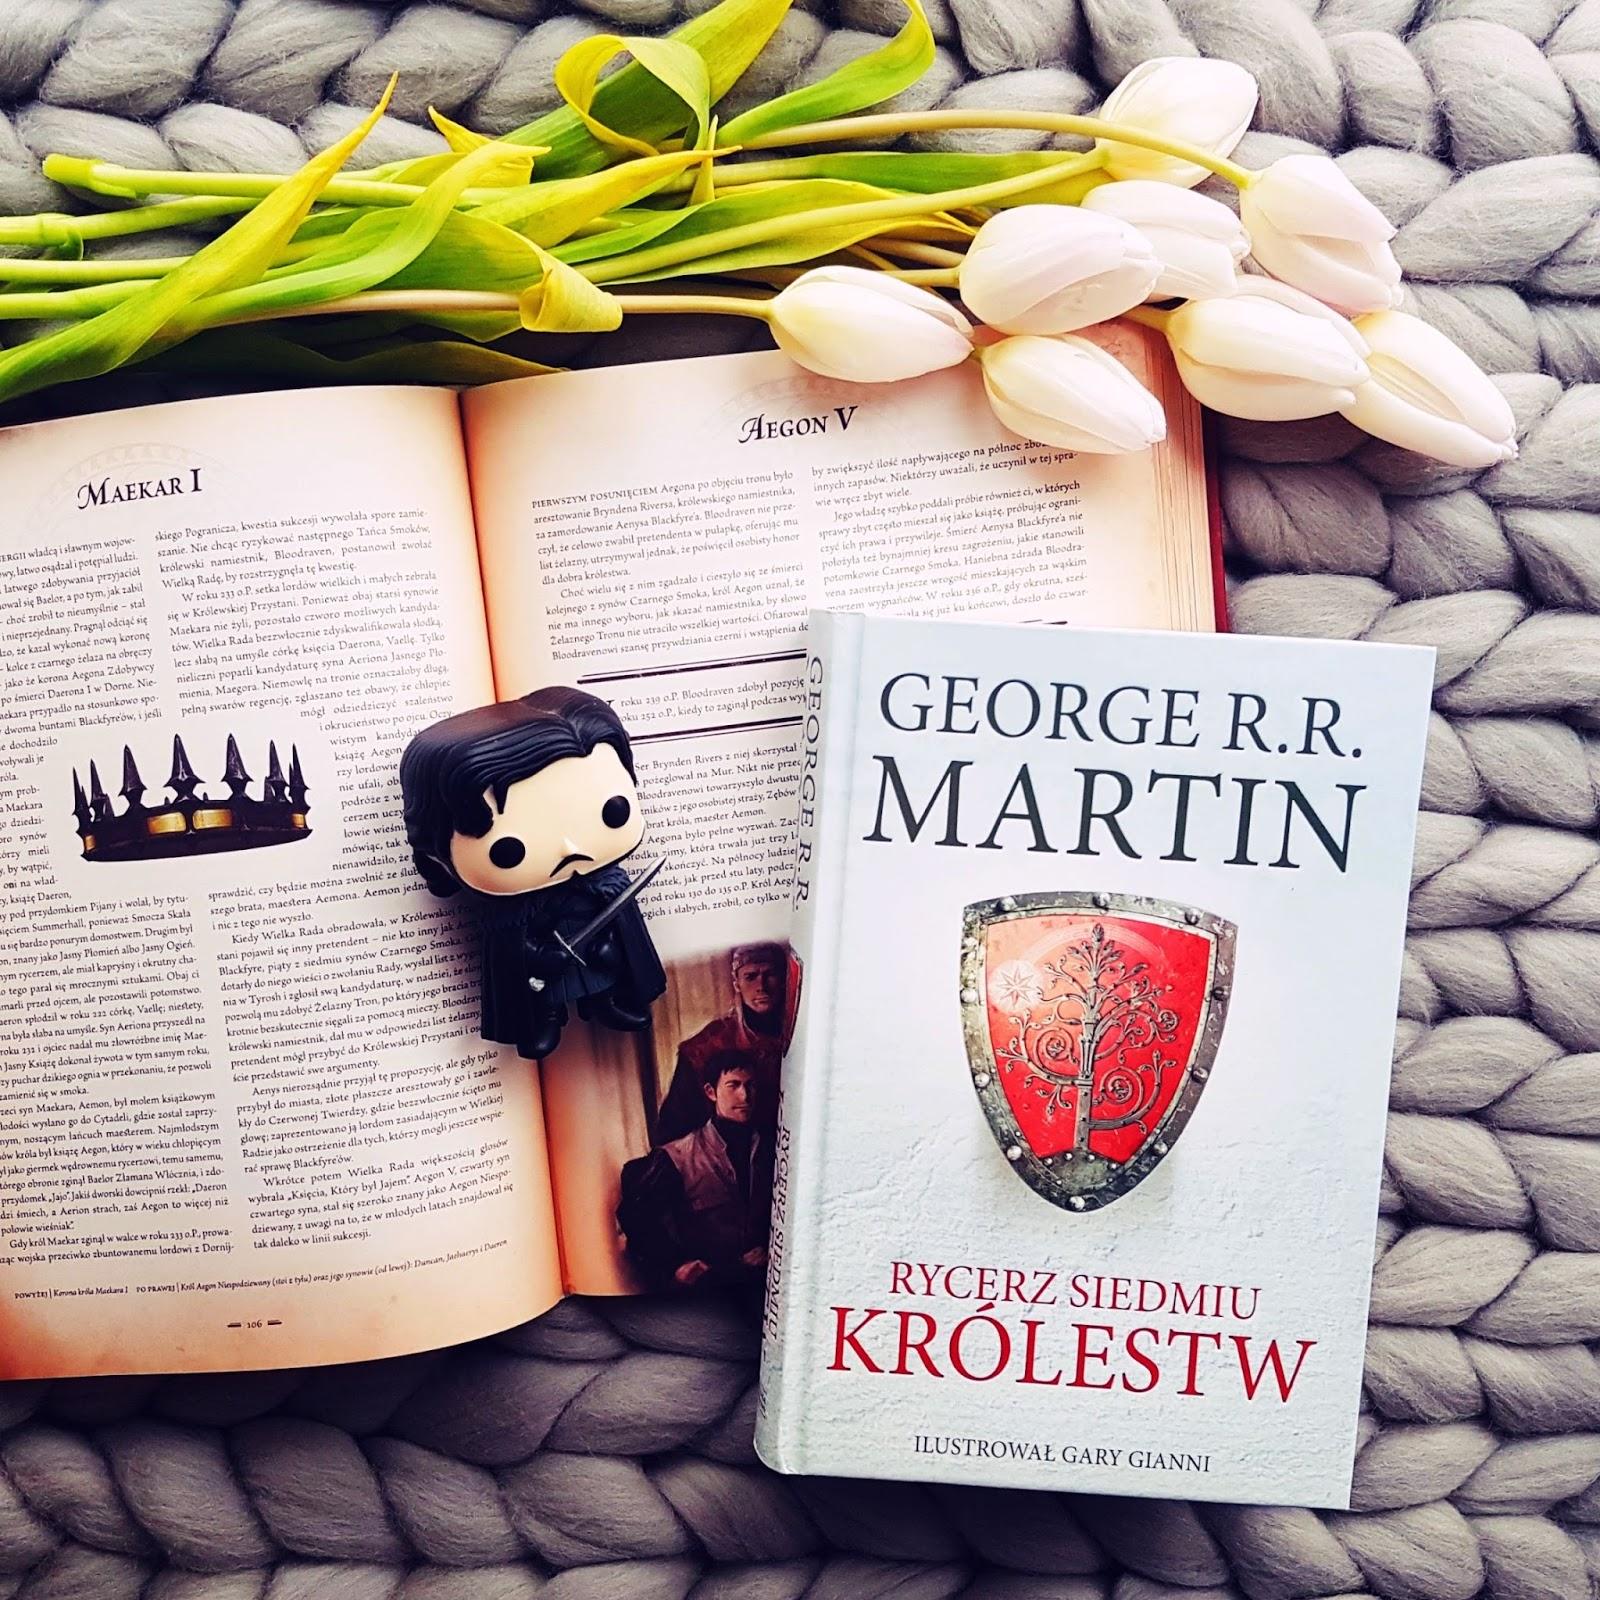 Rycerz Siedmiu Królestw - George R. R. Martin